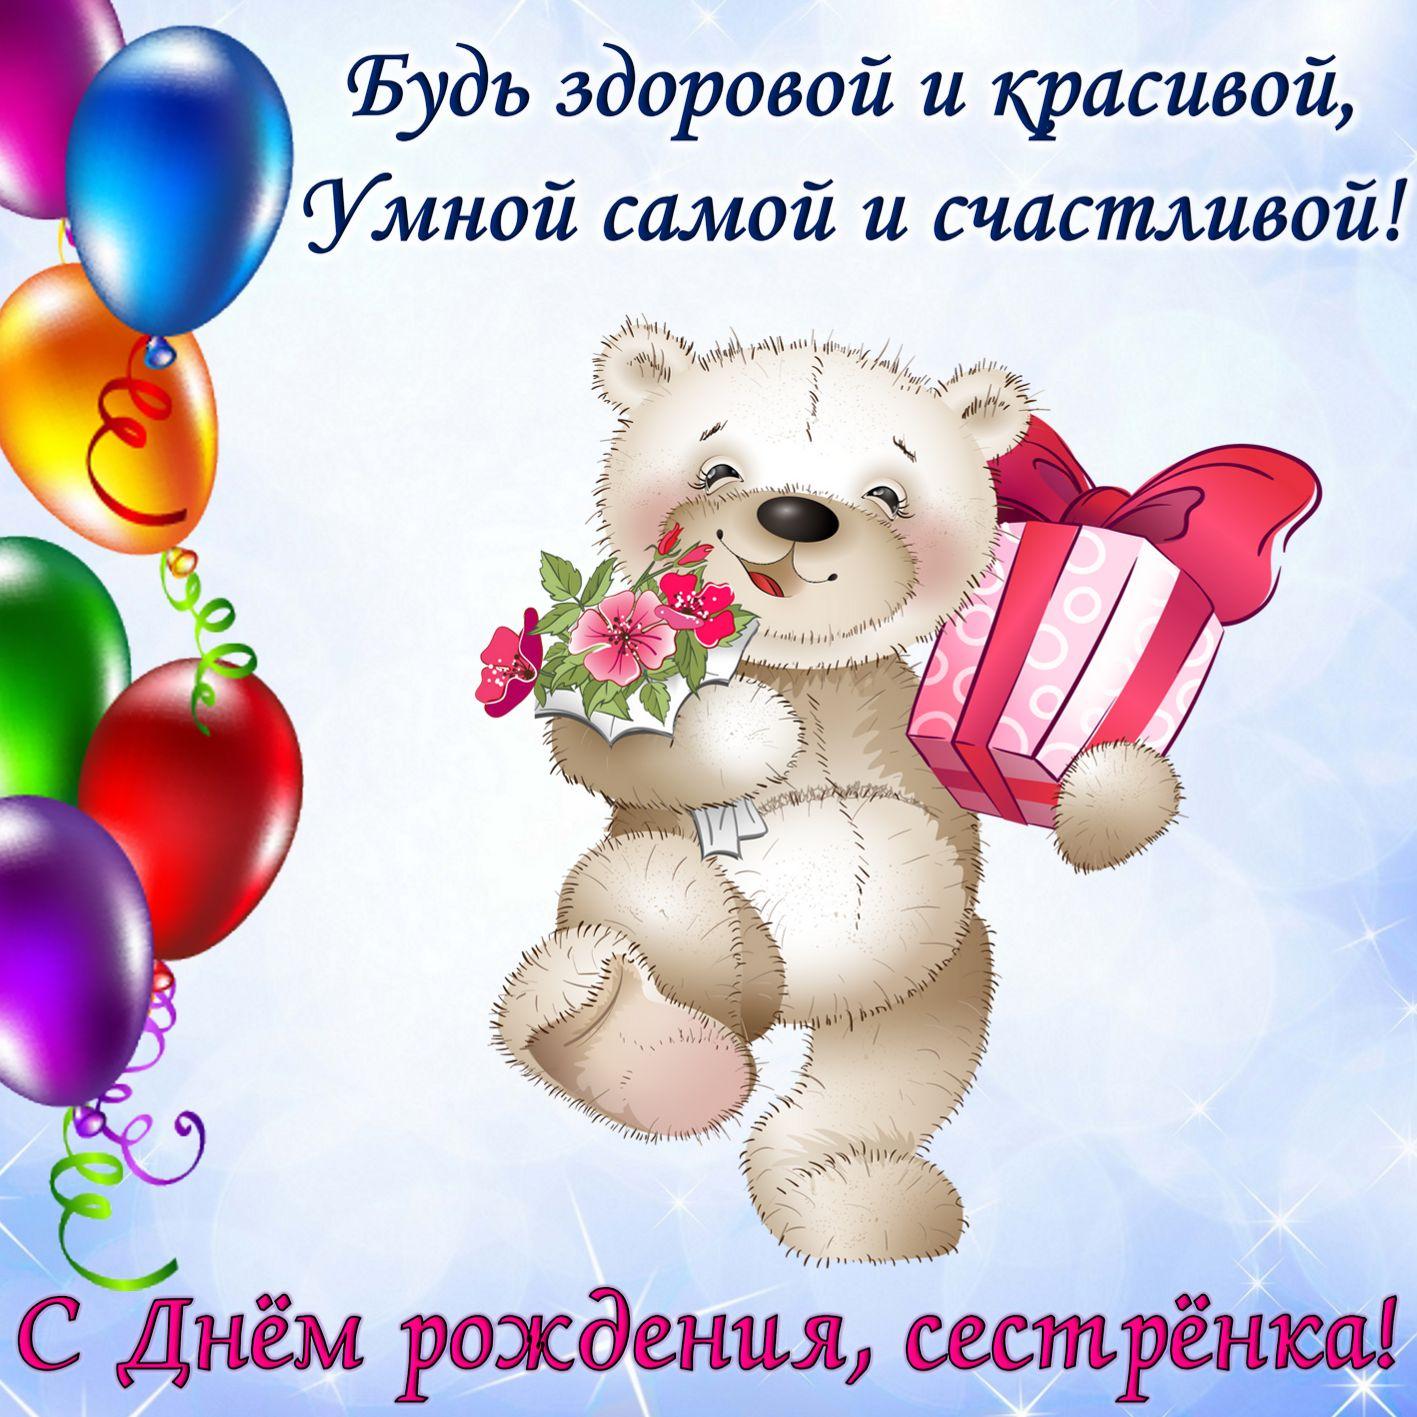 Веселый медвежонок несет подарок и цветы